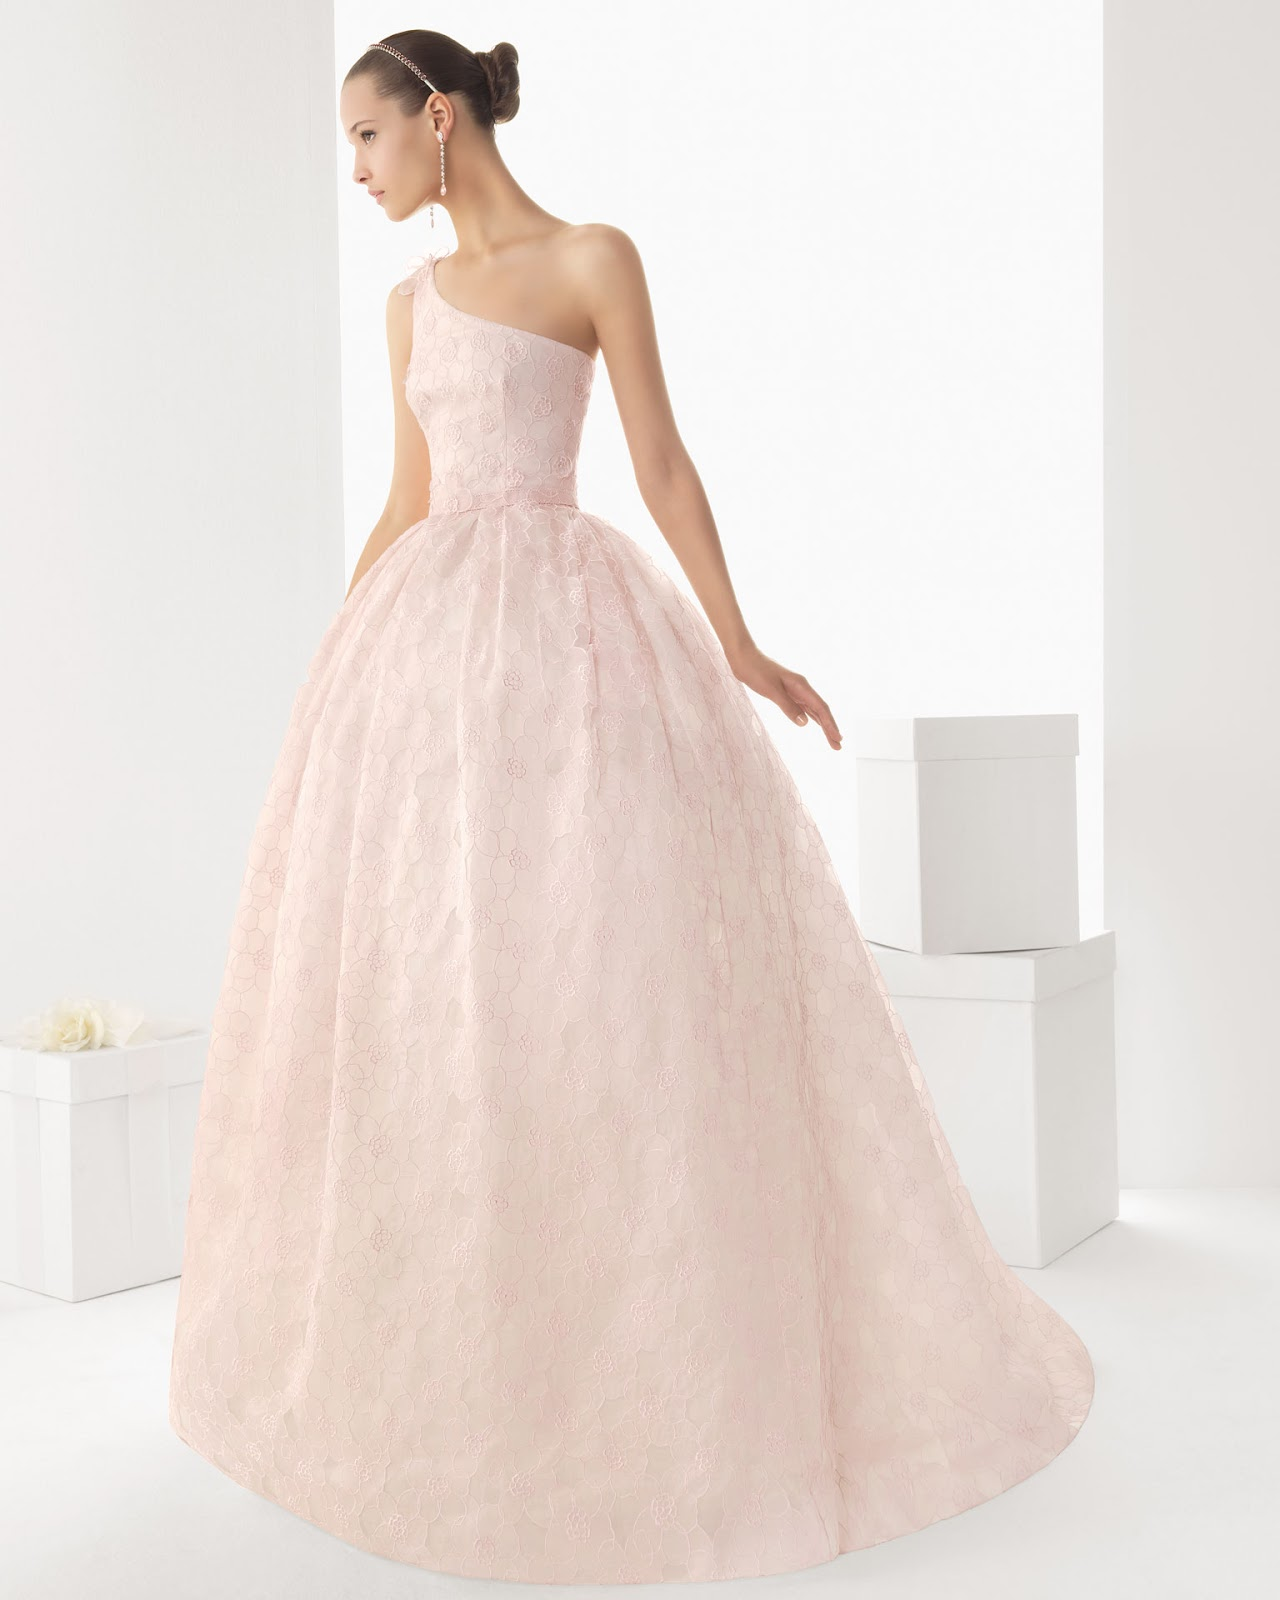 Wunderbar Brautkleider In Ri Zeitgenössisch - Hochzeit Kleid Stile ...